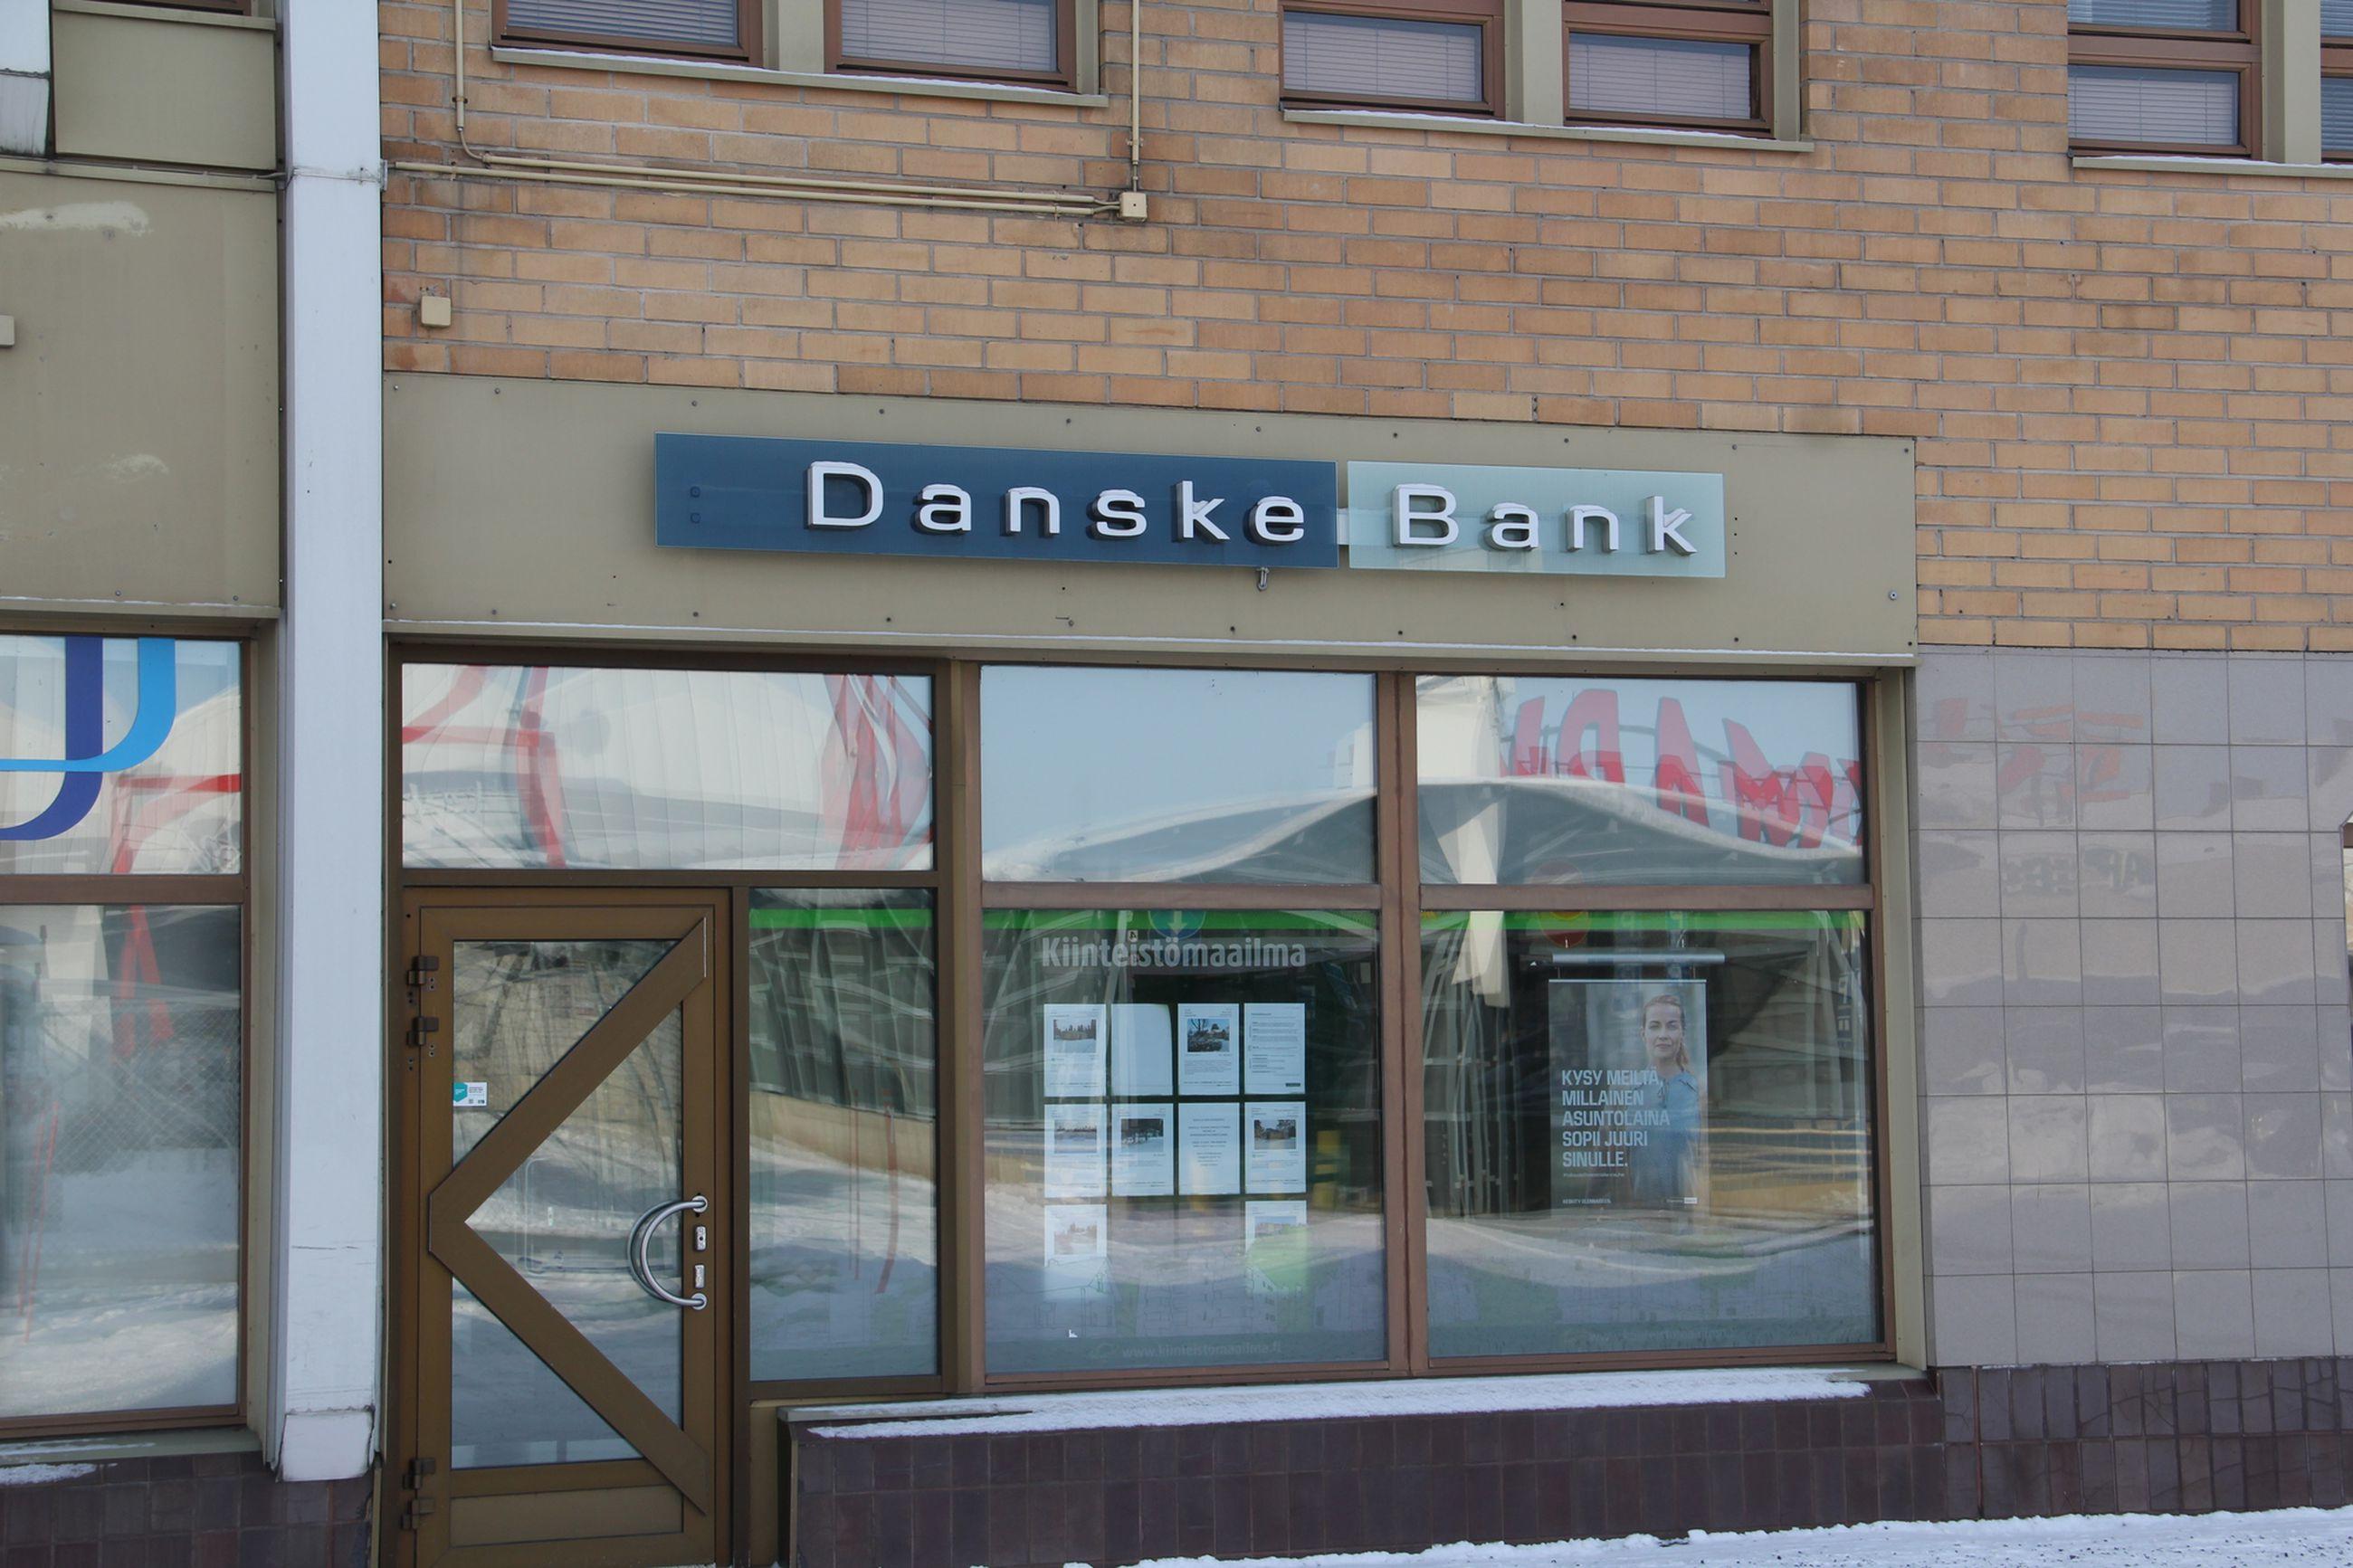 Danskebank Konttorit